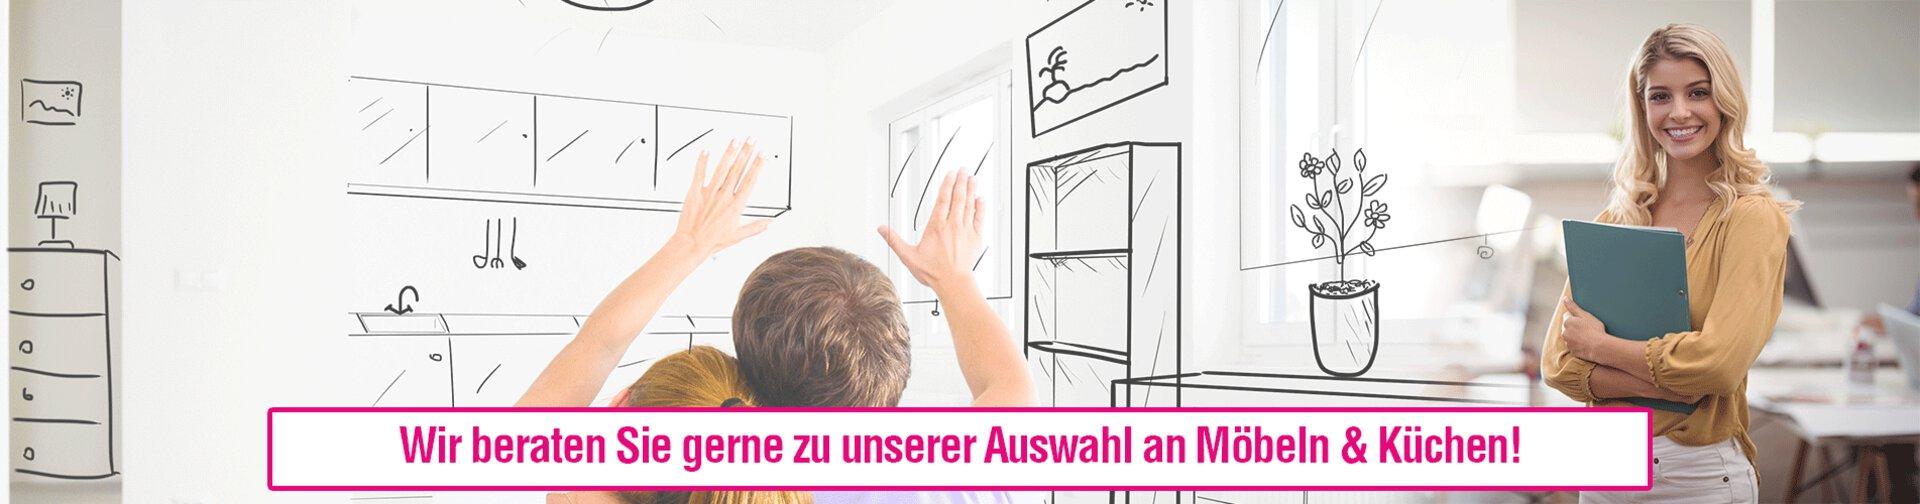 Banner zur Möbel- und Küchenberatung